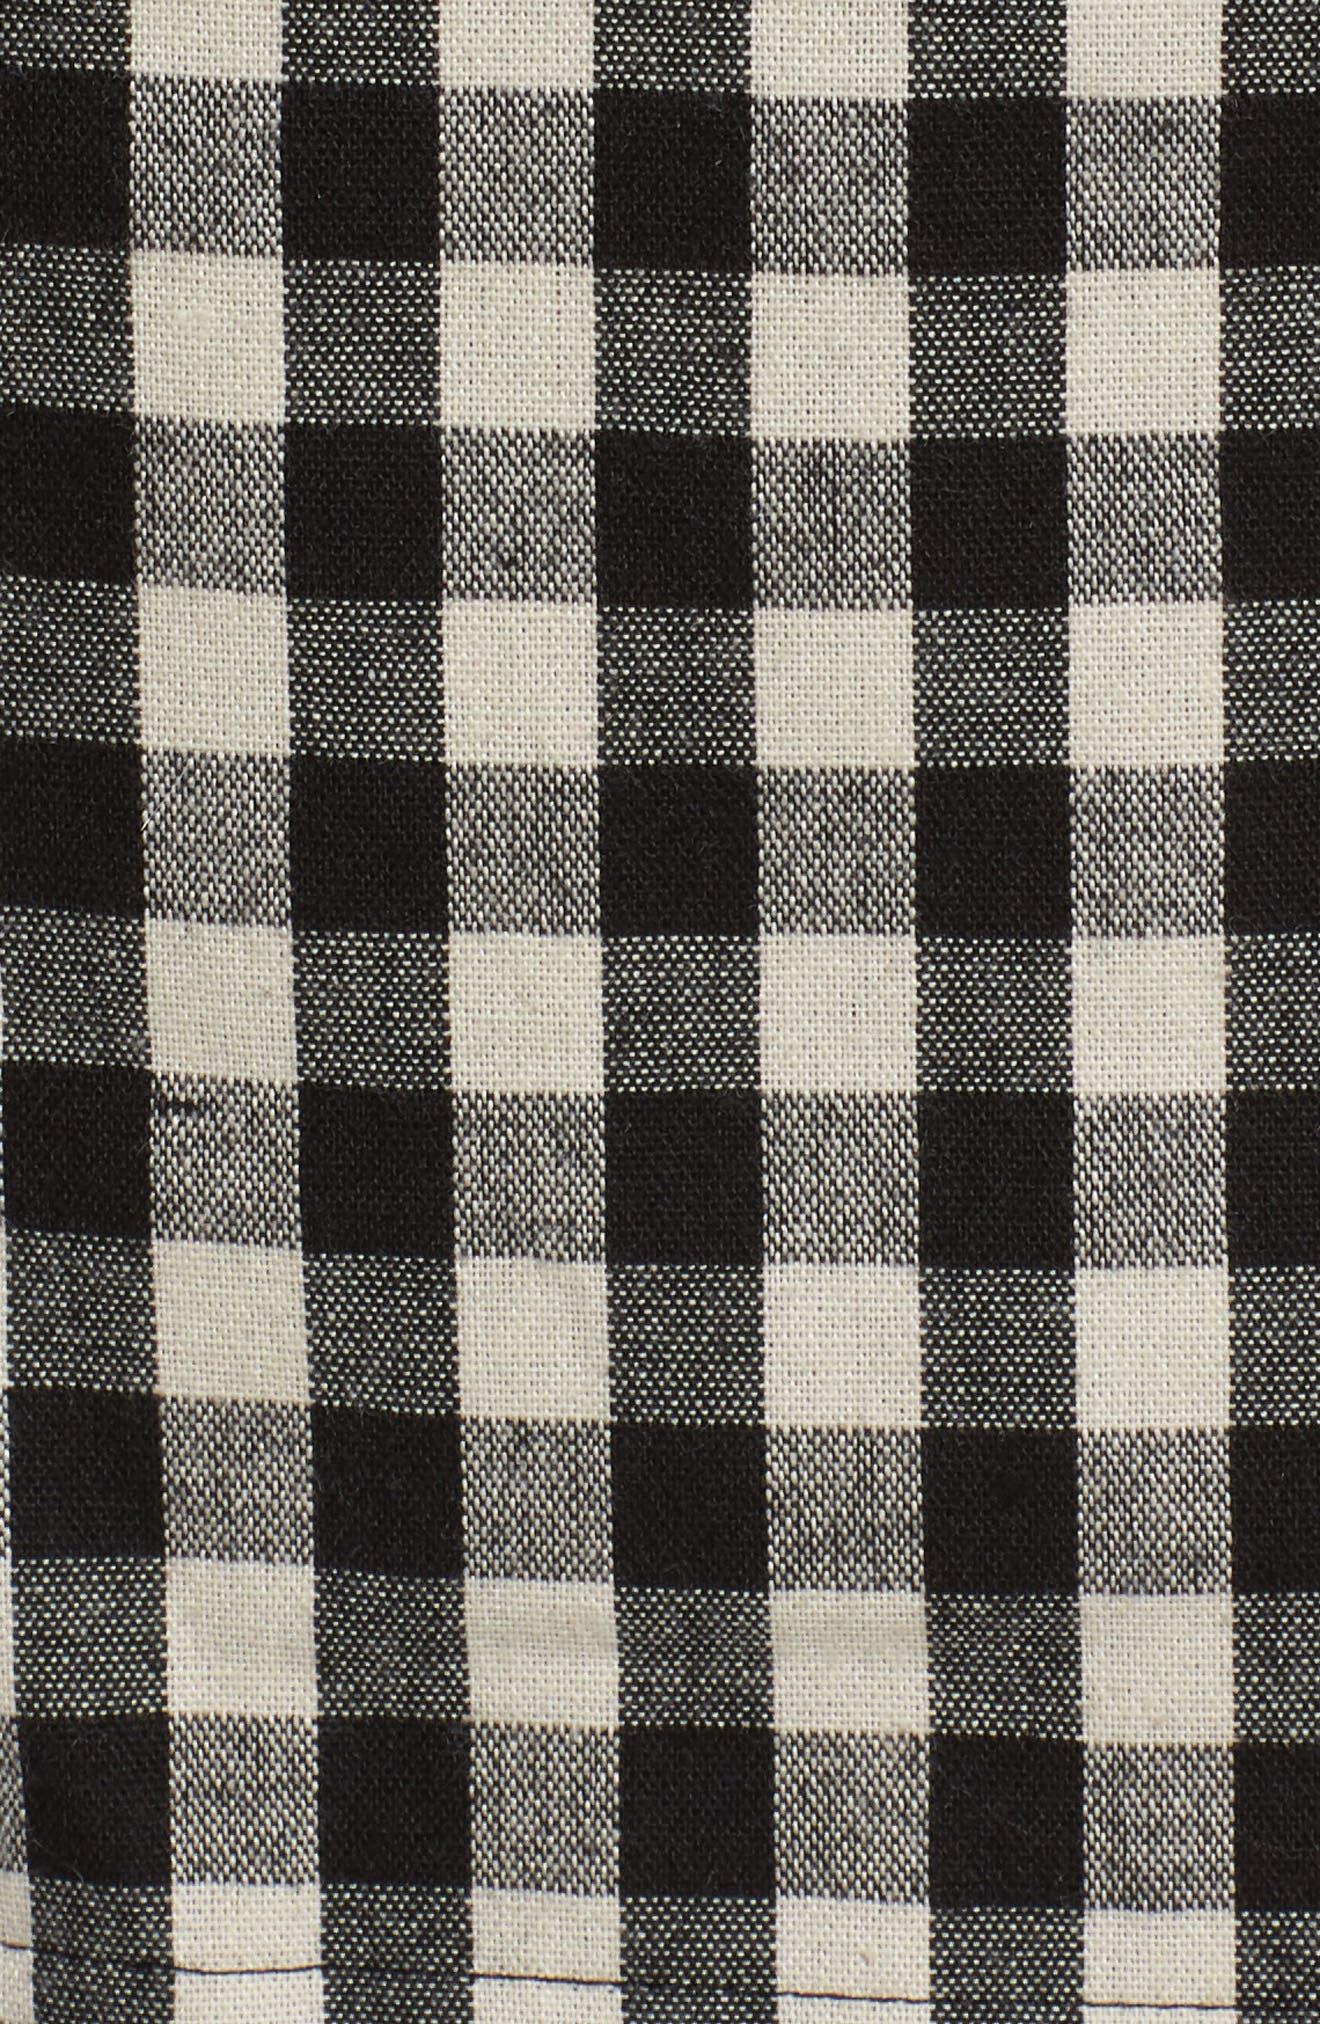 Gingham Trench Coat,                             Alternate thumbnail 6, color,                             Black/ White